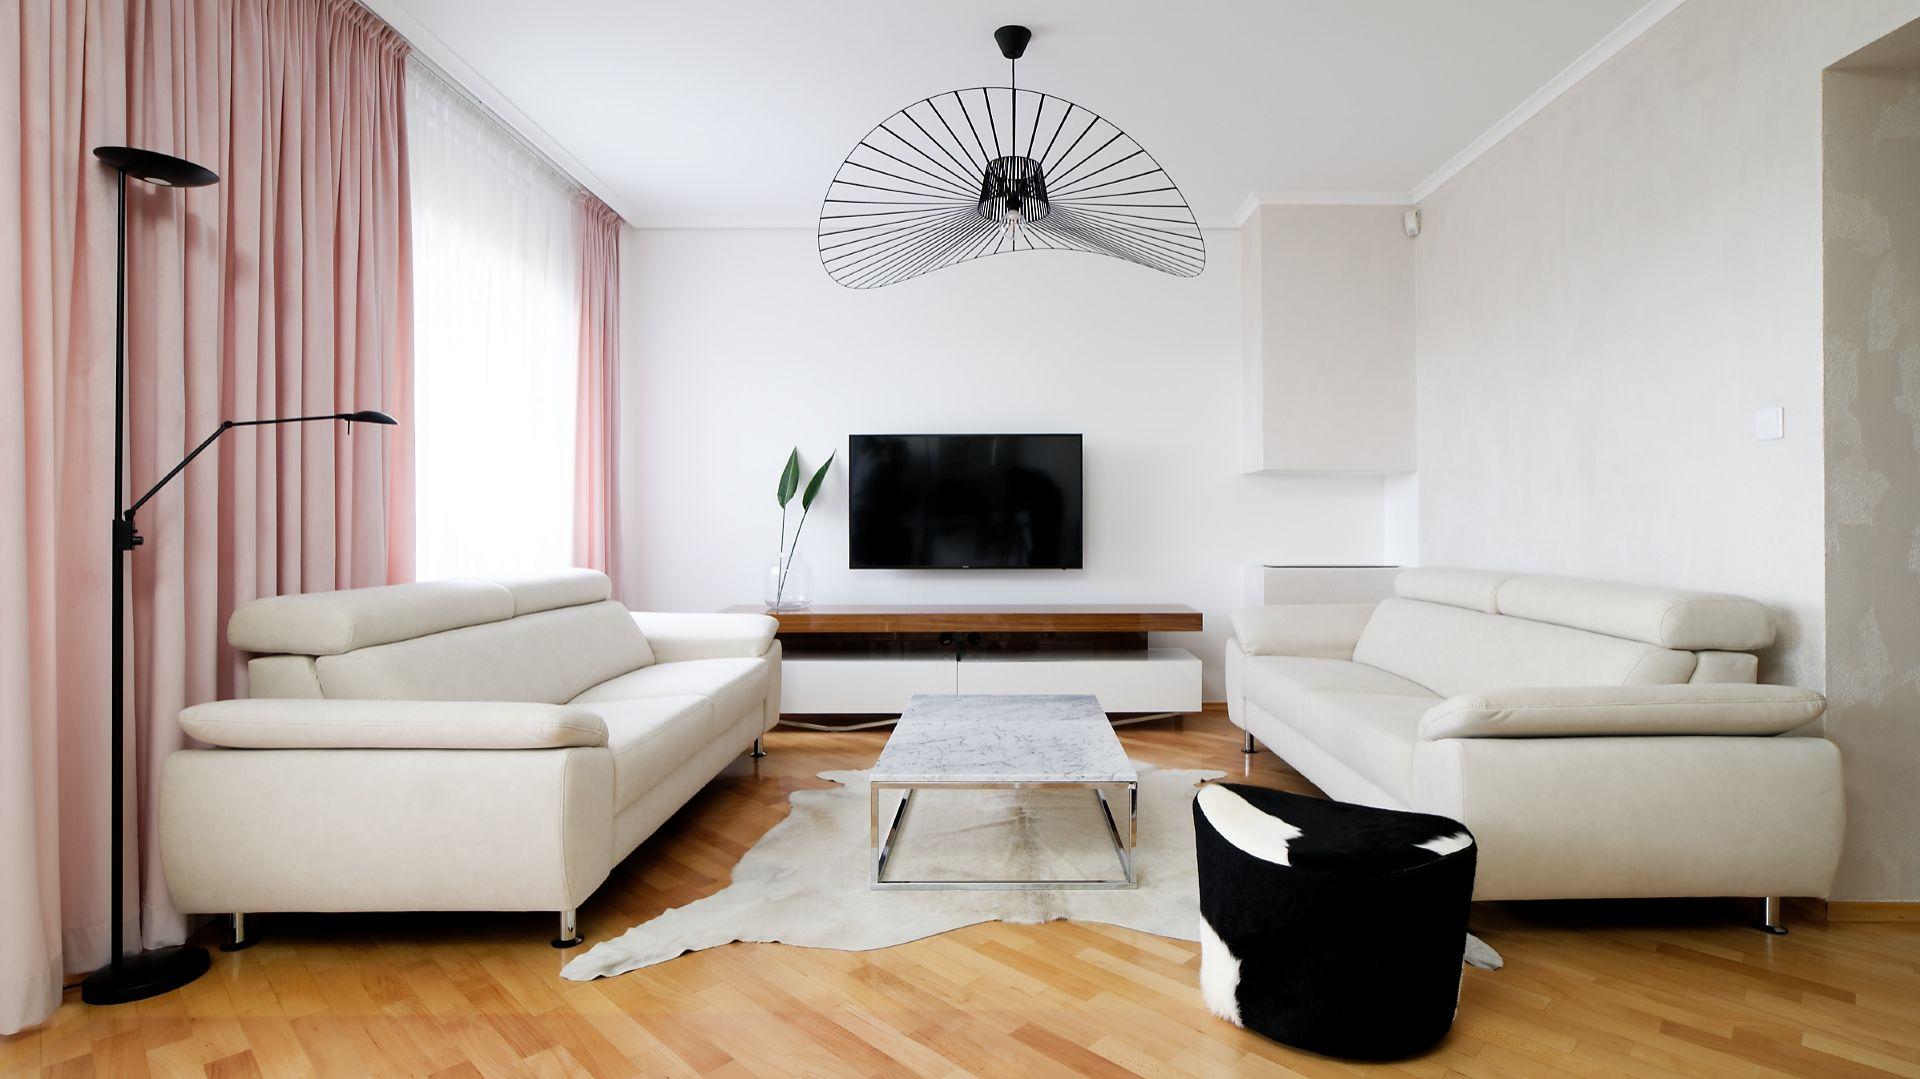 Wnętrze jest niezwykle funkcjonalne i zaaranżowane w nowoczesnej stylistyce. Projekt: Aleksandra Sowińska. Fot. Radek Słowik